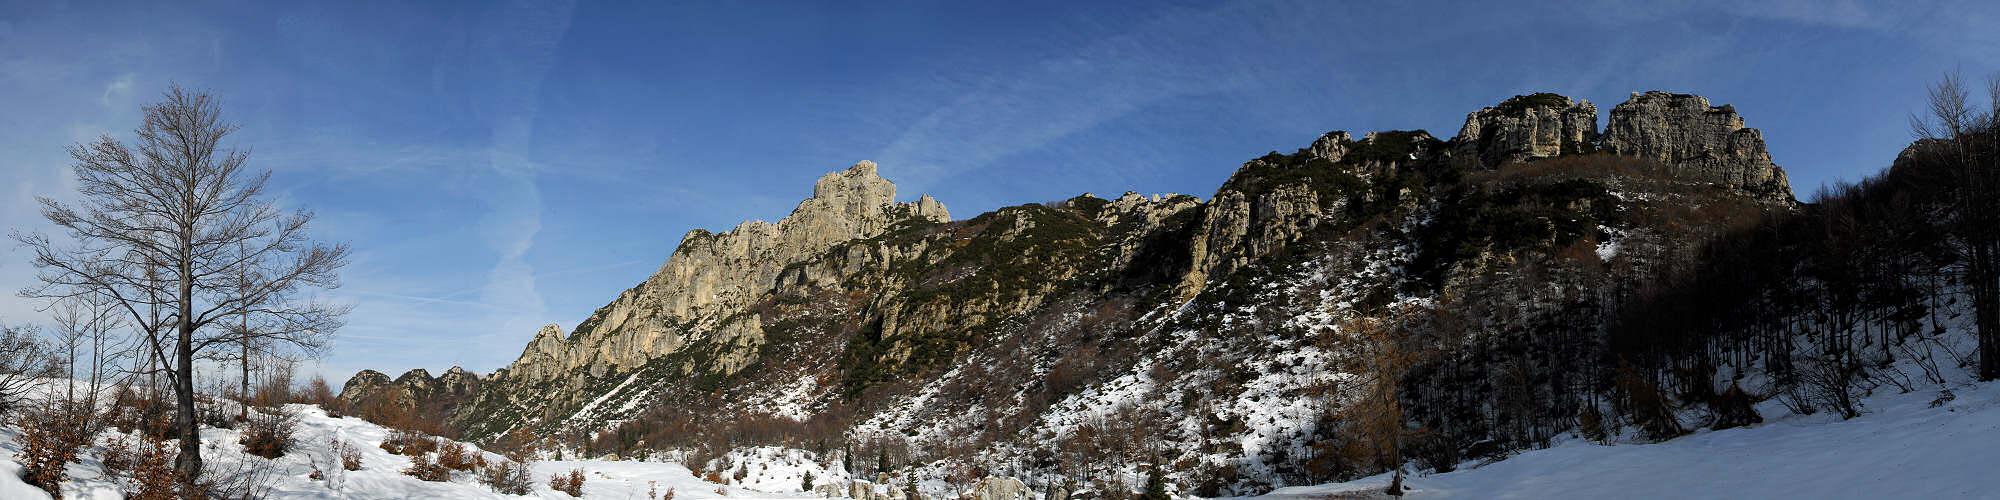 Pasubio Piccole Dolomiti Sengio Alto Monte Pasubio